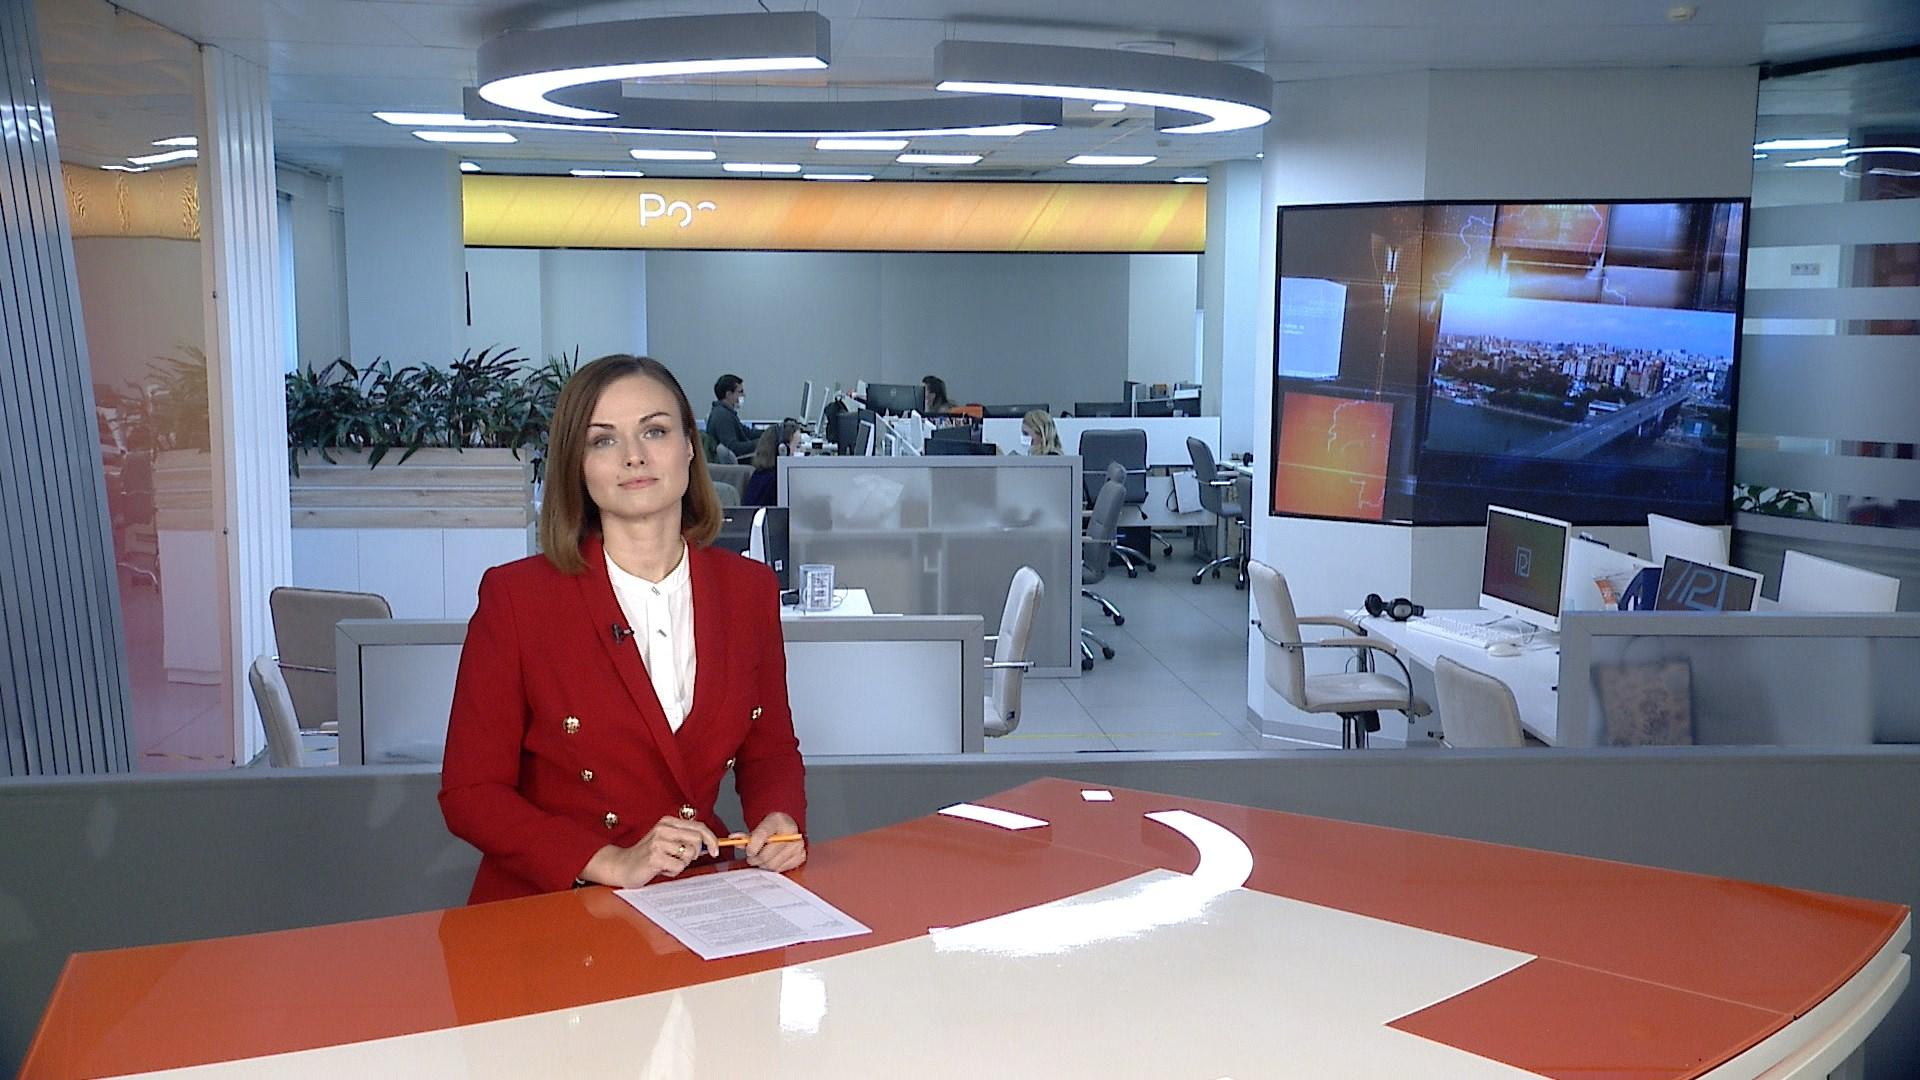 Ростов сегодня: вечерний выпуск. 12 октября 2021